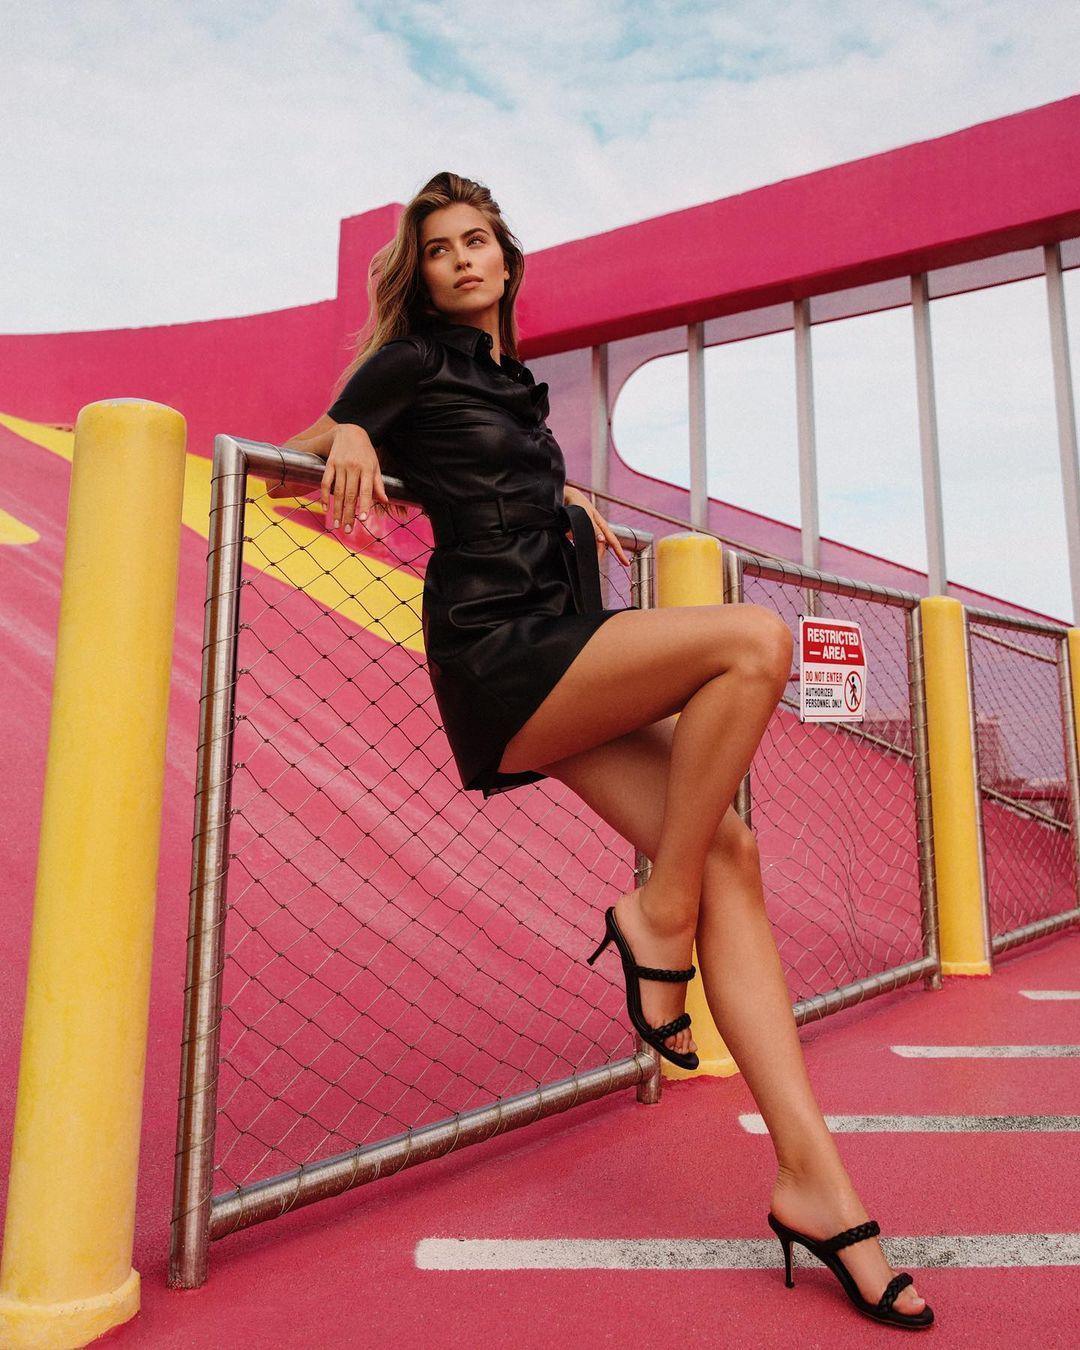 Евдокименко показала ножки / instagram.com/iamsofiaeve